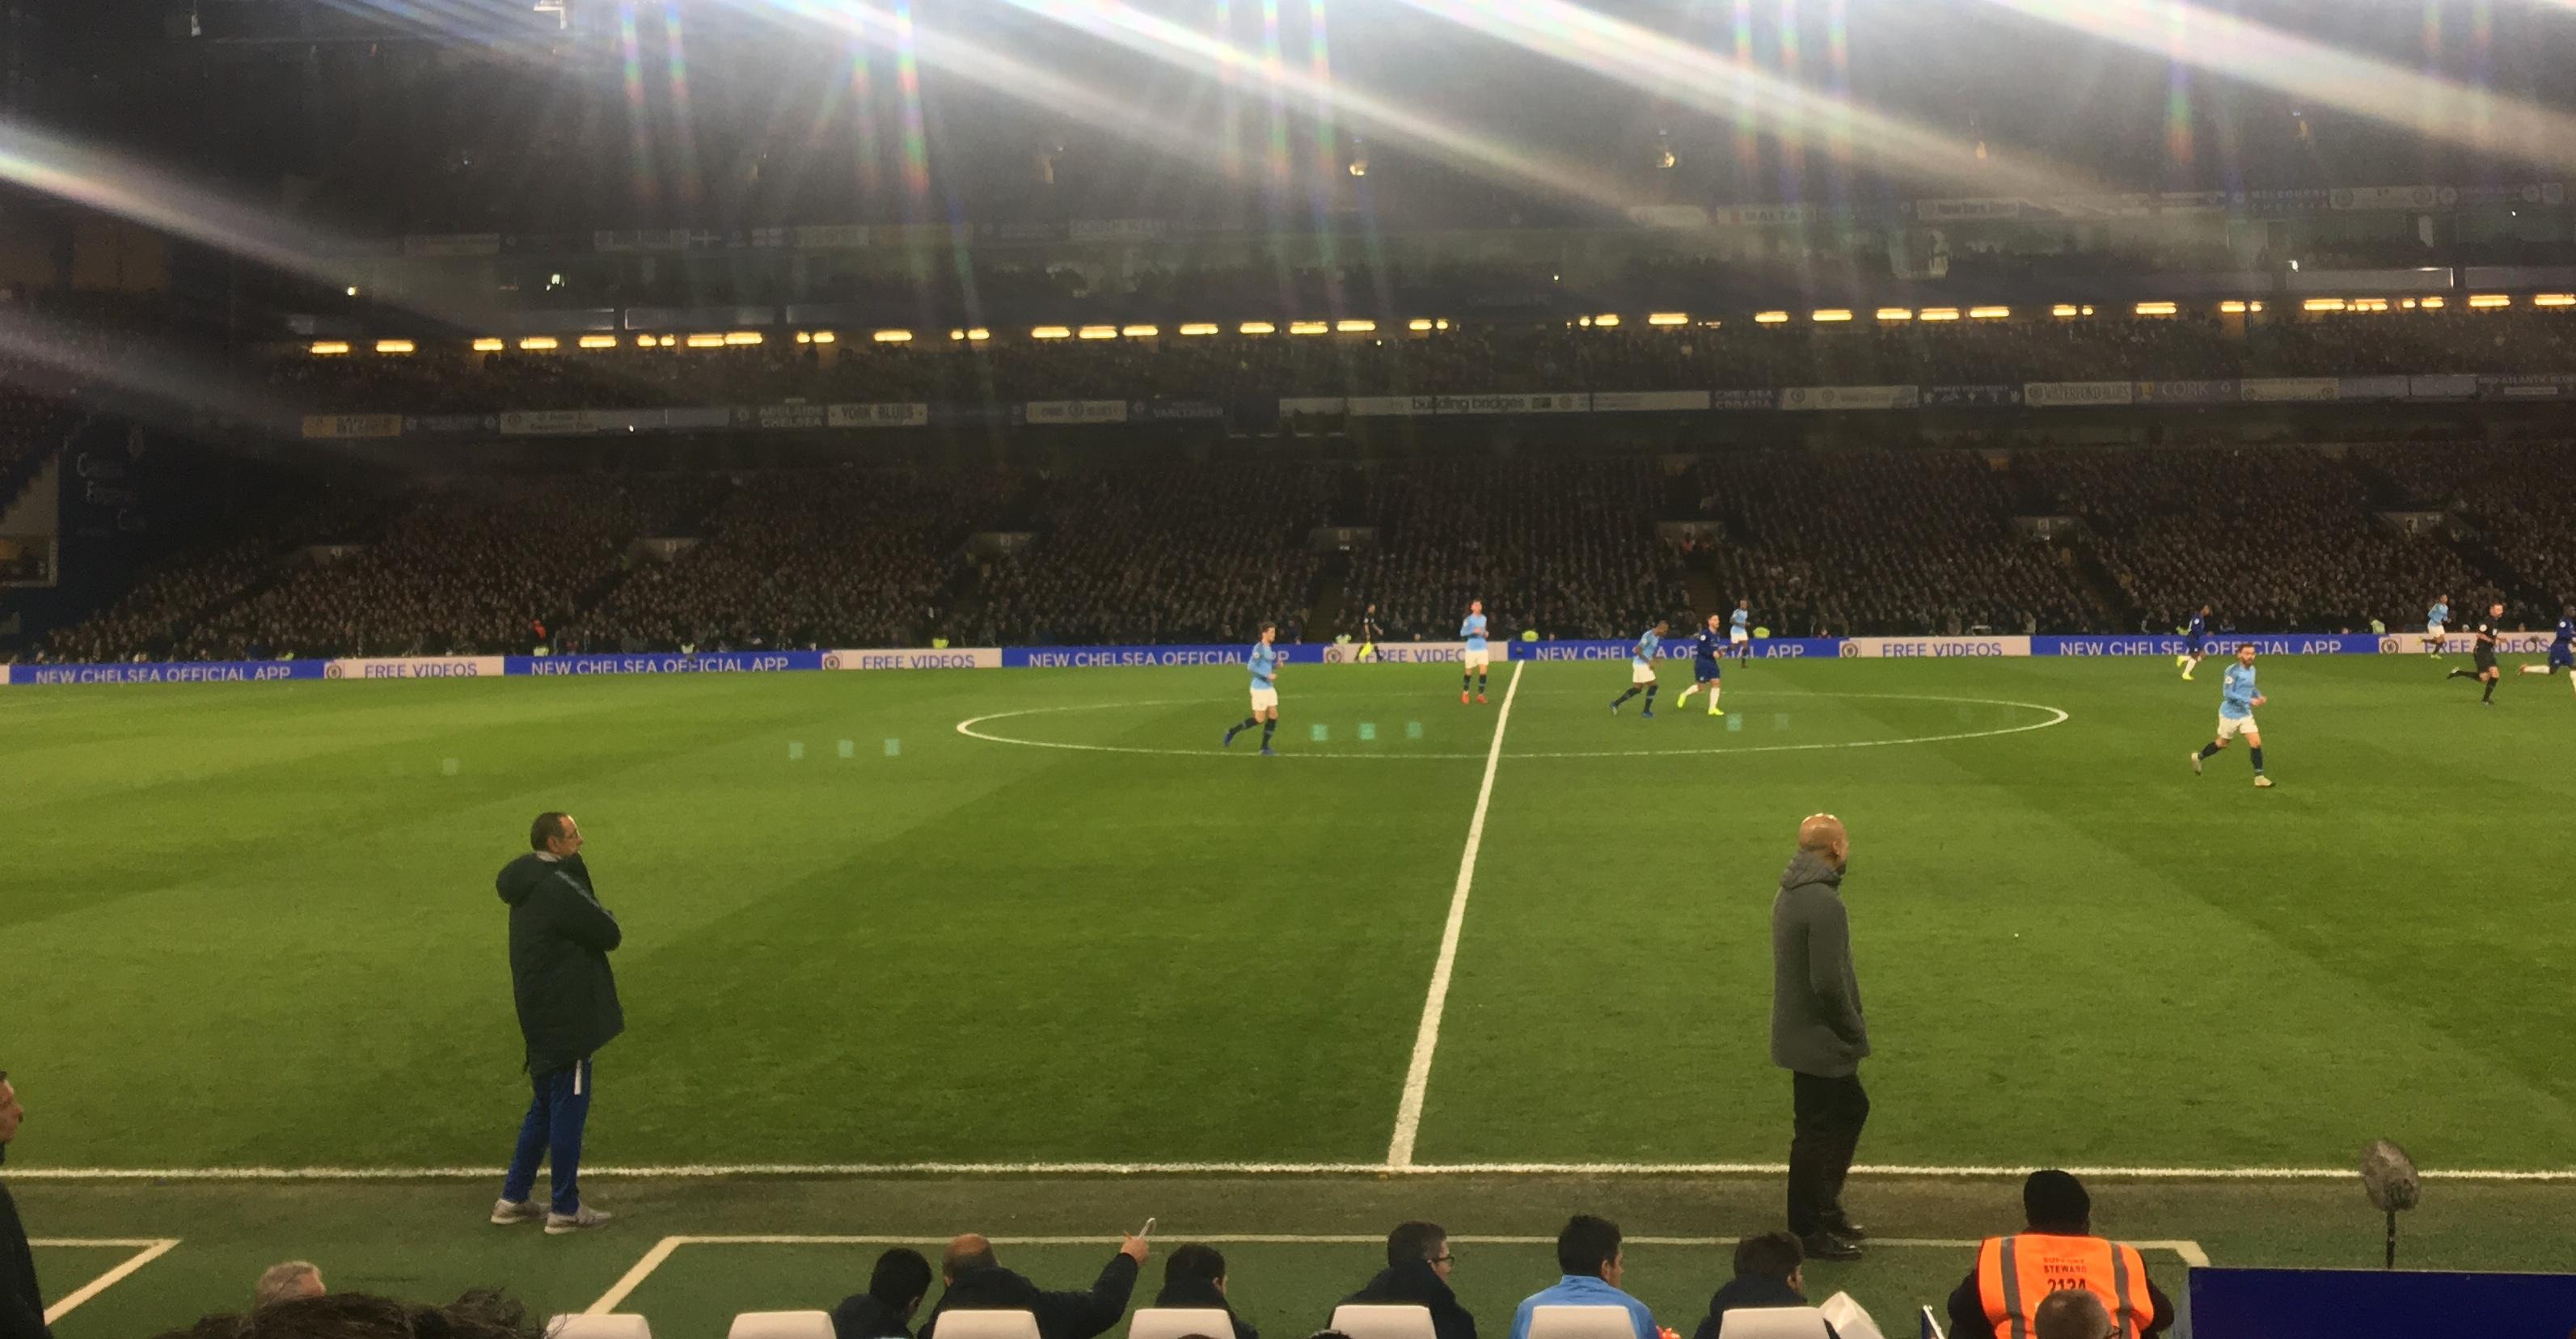 d32ceb7928 Nel senso di Sarri-ball contro il Guardiola-ball, i due spartiti tattici  più belli della Premier League, sempre con l'obiettivo di ...